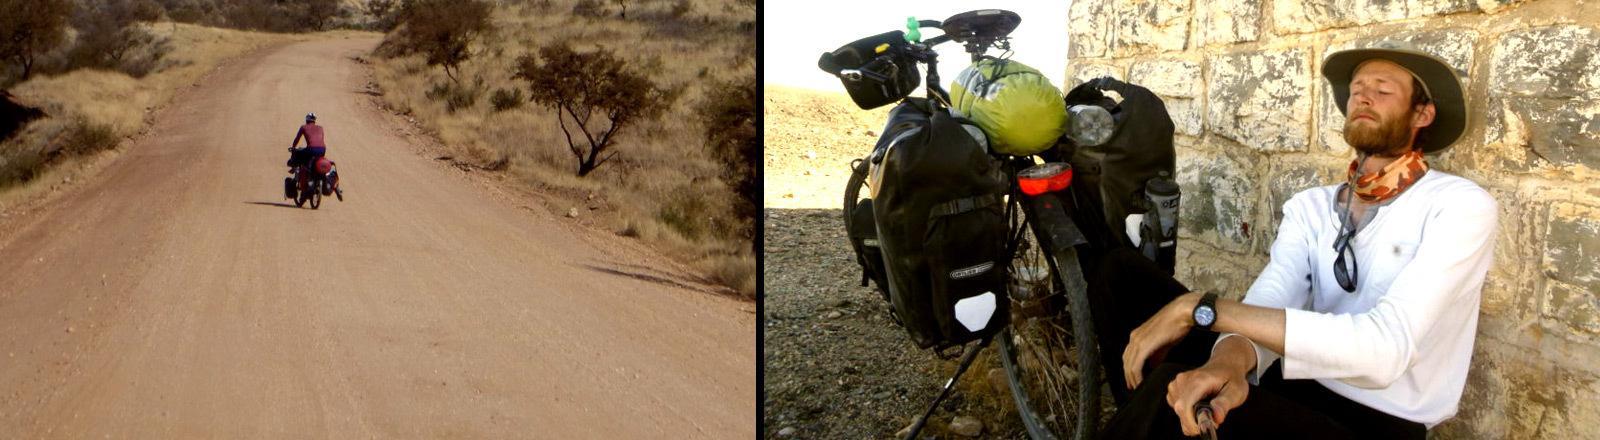 Daniel Kassner auf und neben seinem Fahrrad in Afrika